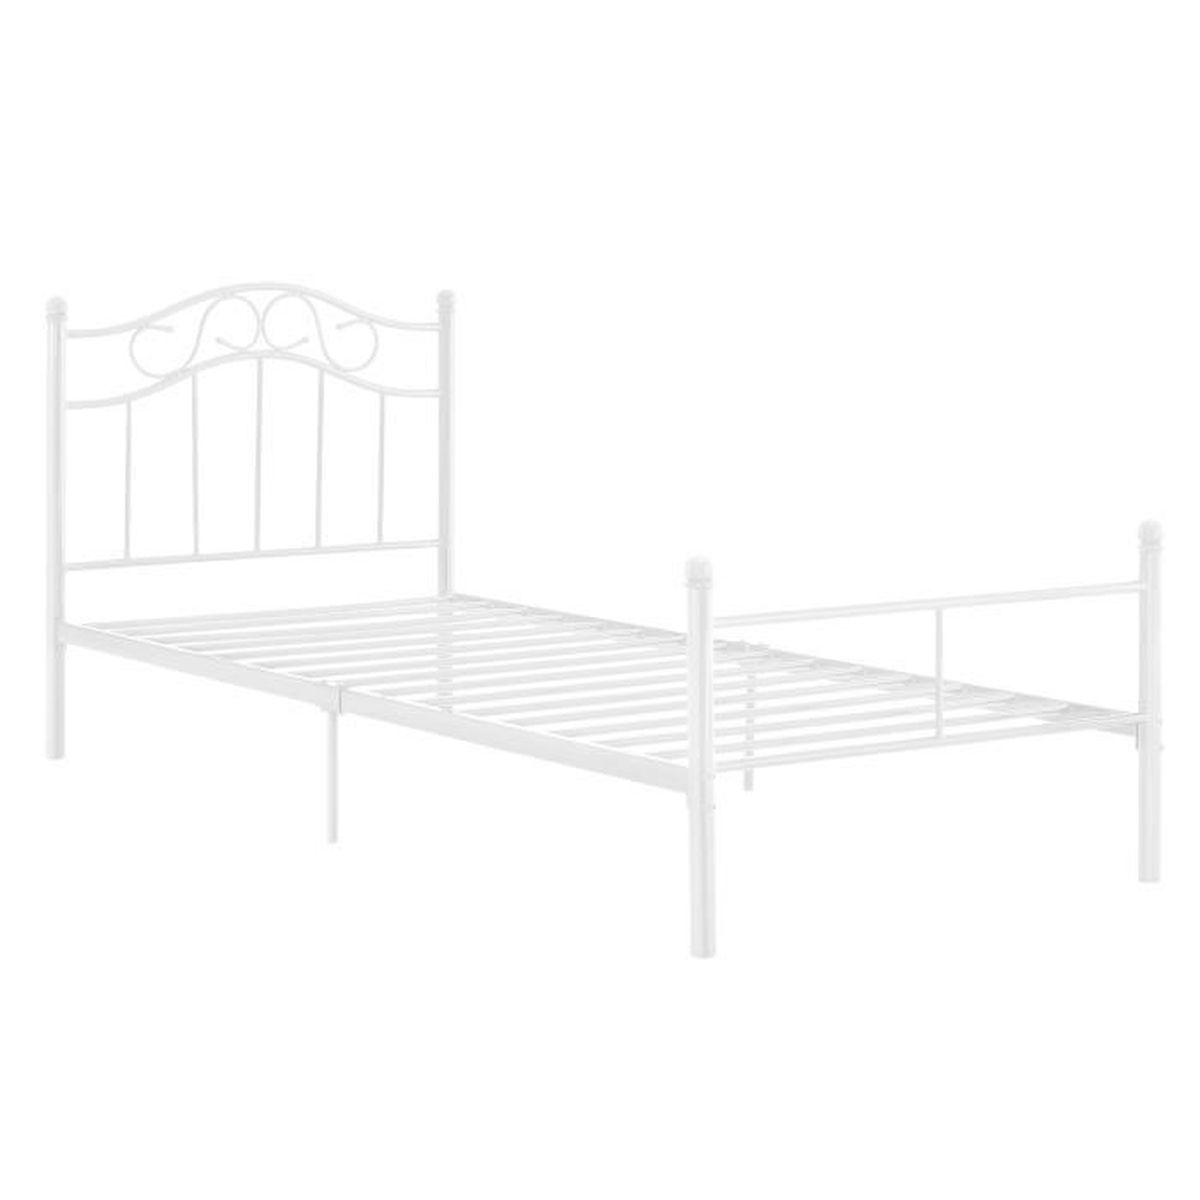 STRUCTURE DE LIT en.casa  Lit en métal 90x200 blanc cadre du lit